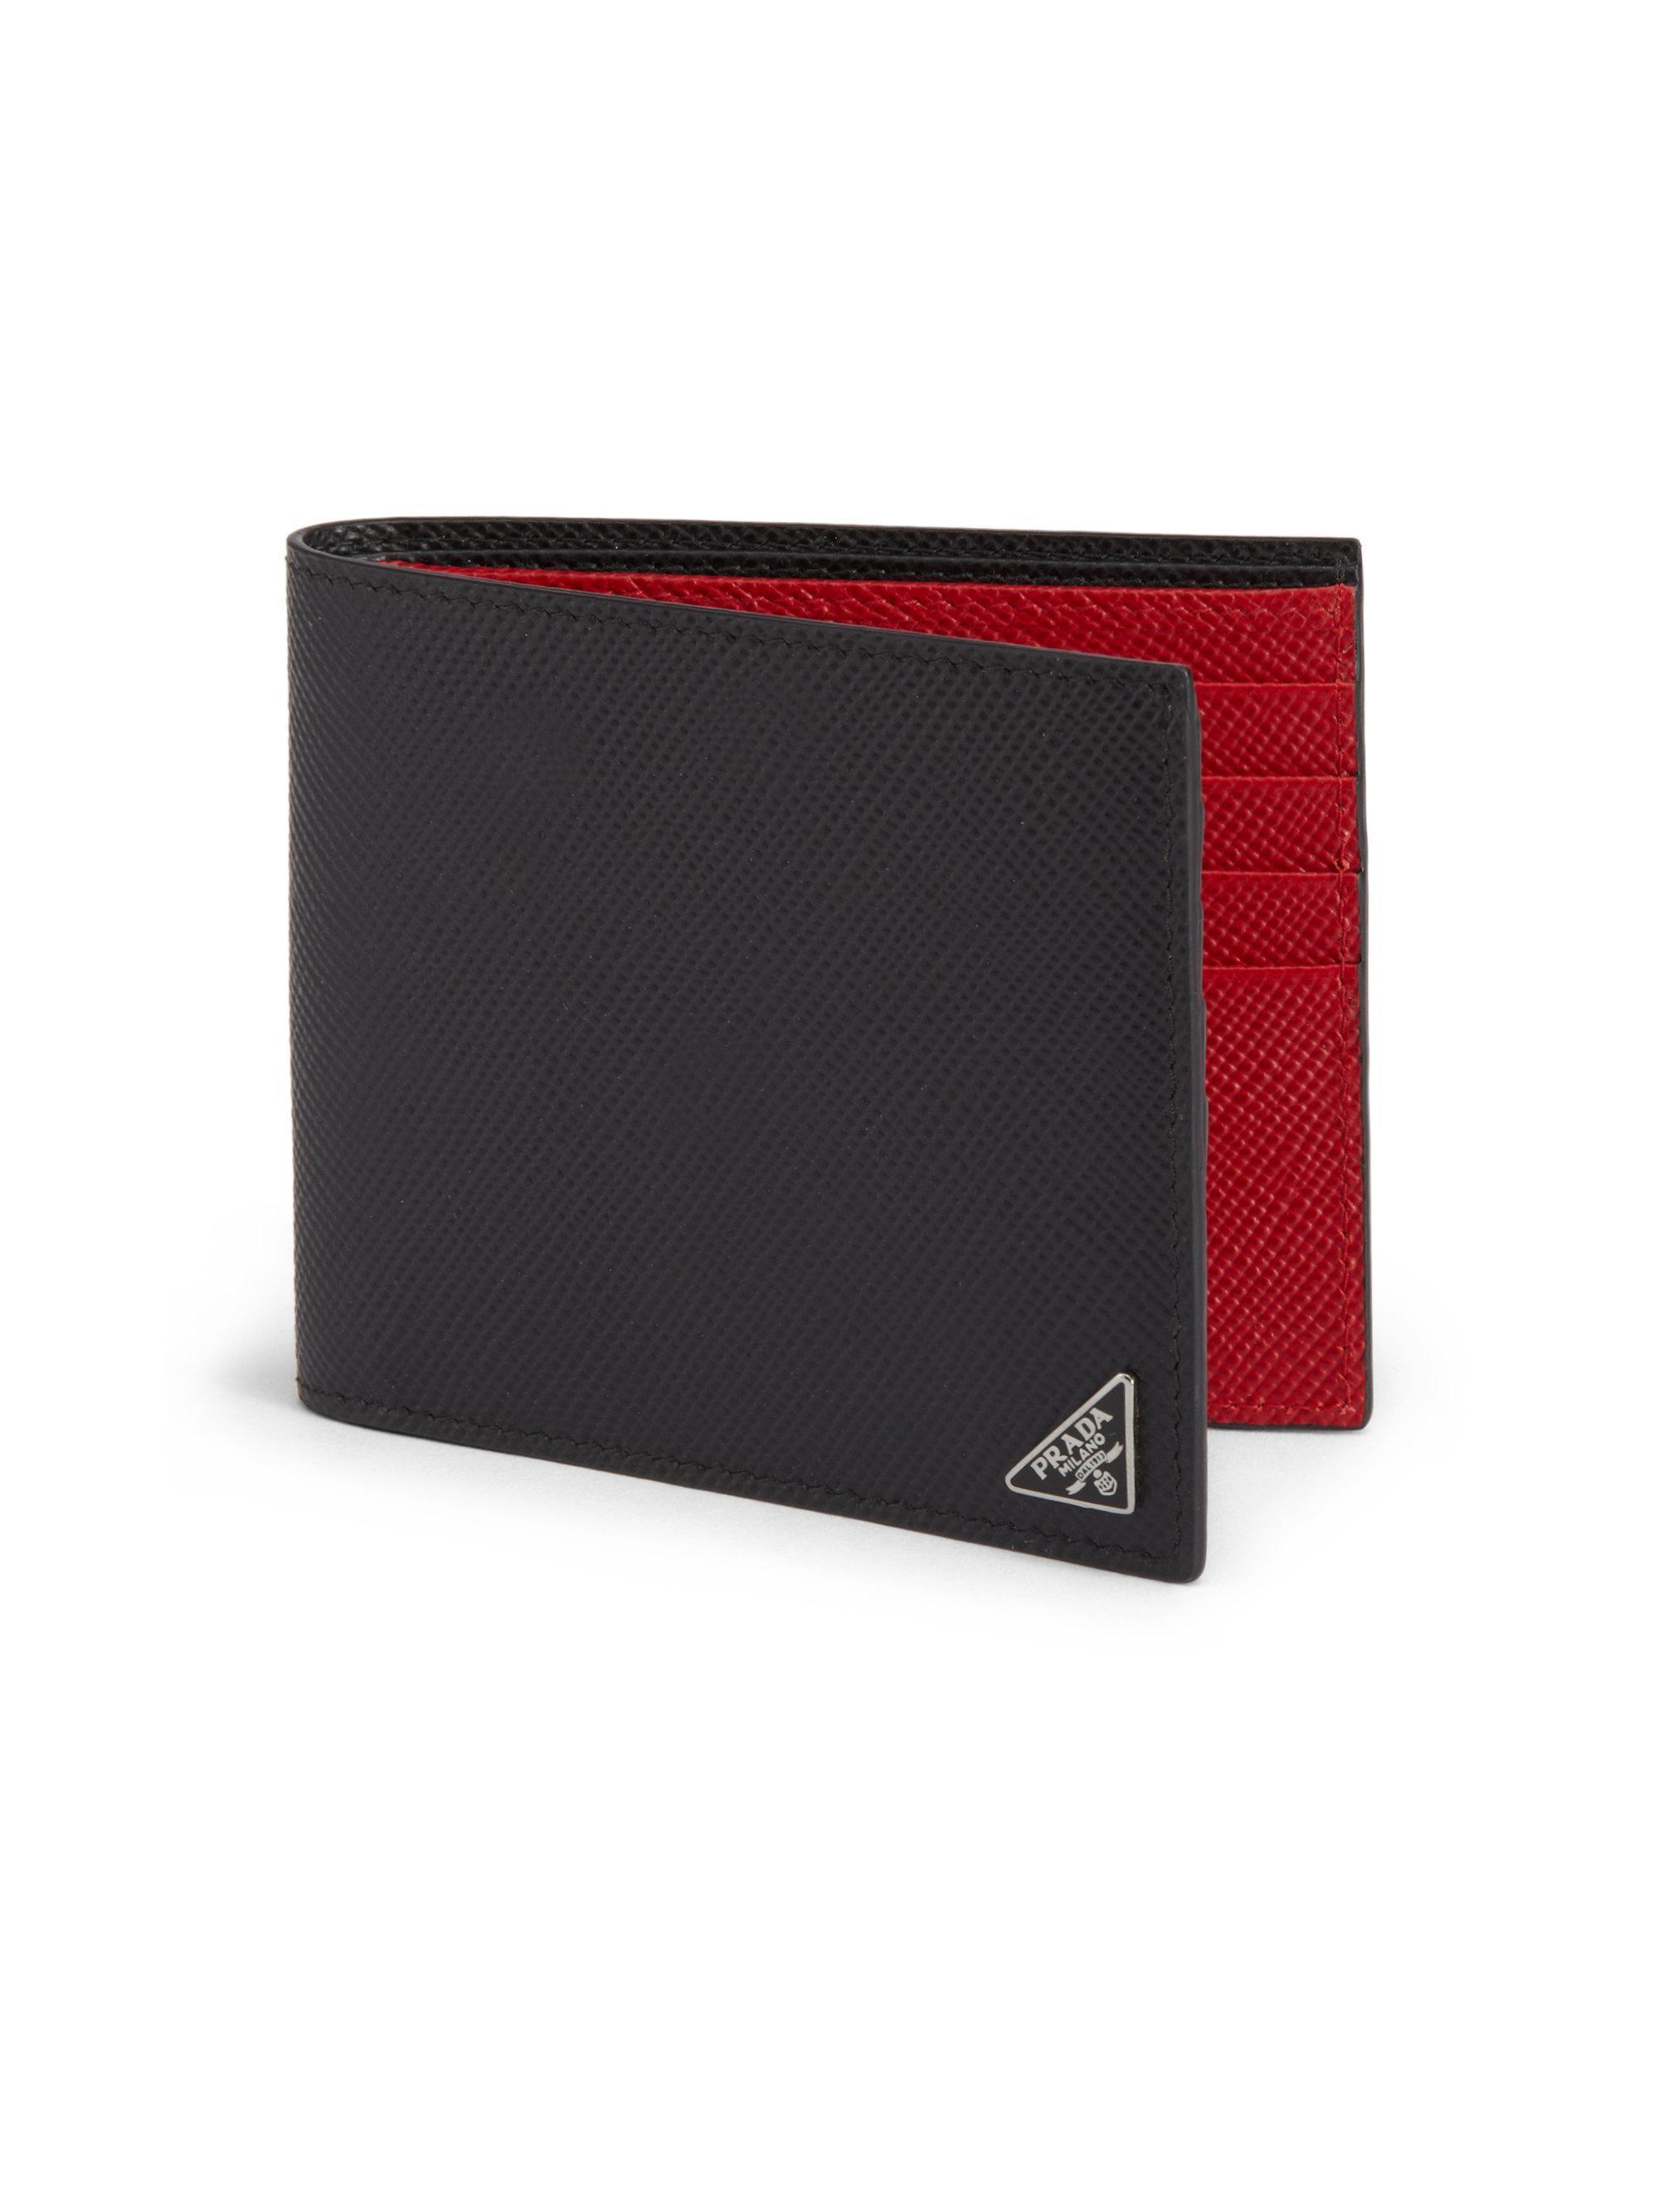 bafabdc2fc ... aliexpress lyst prada saffiano cuir billfold wallet in black for men  9a054 f996f